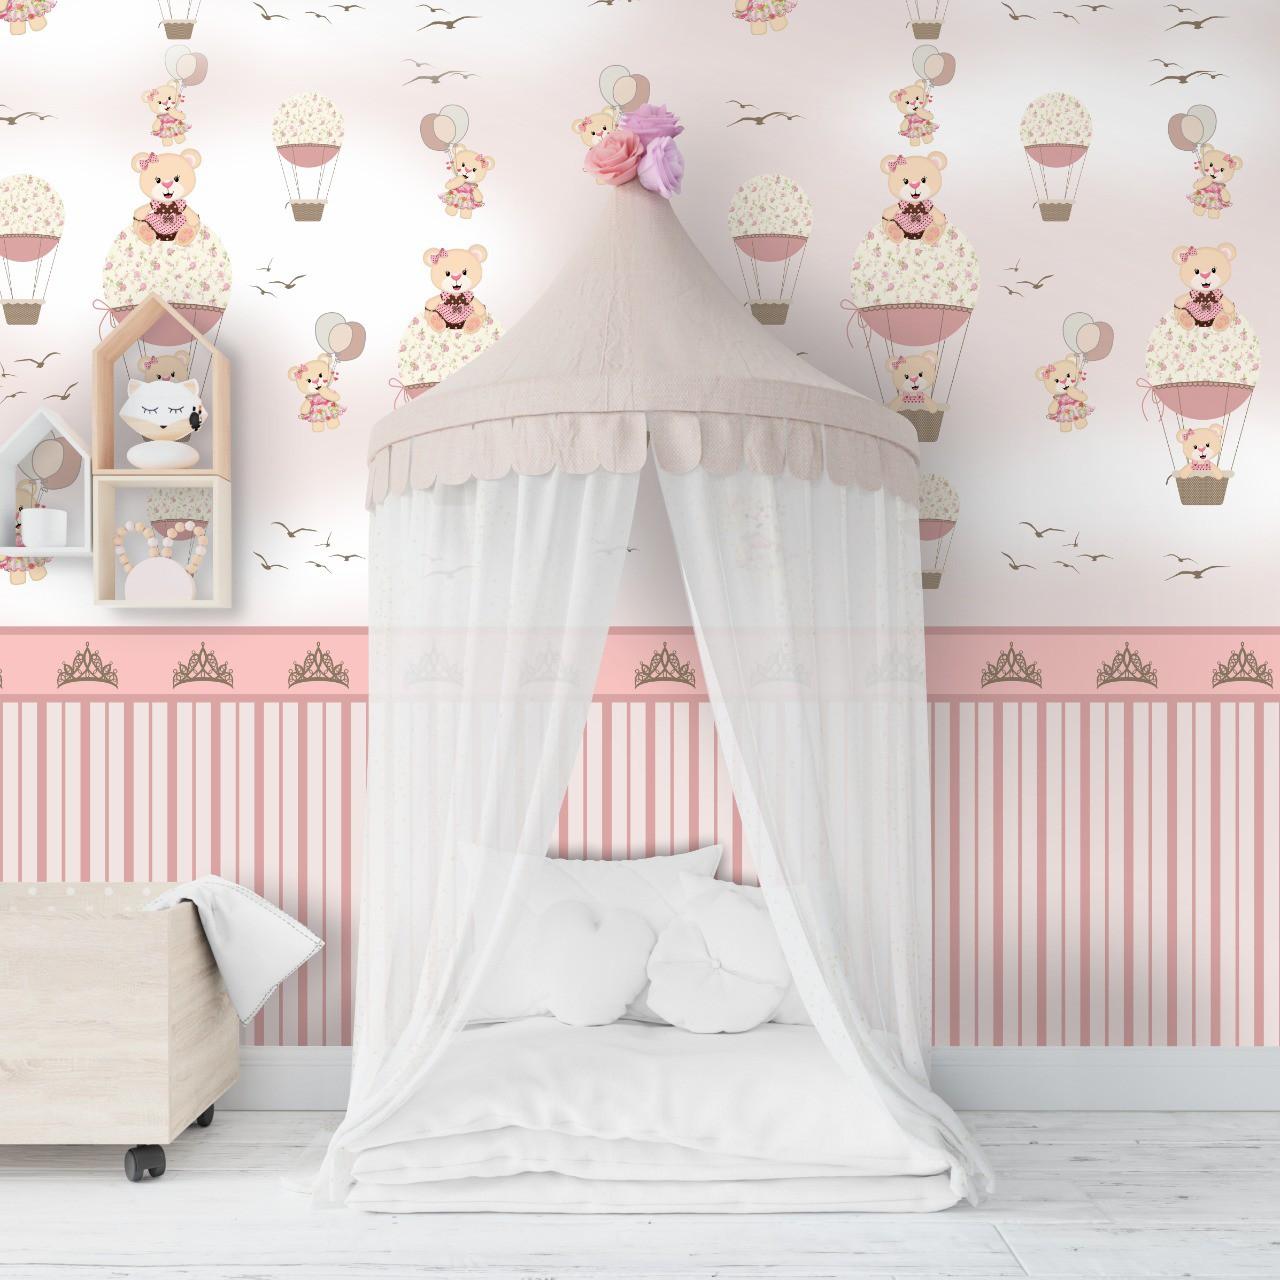 Papel de parede lavável para quarto infantil